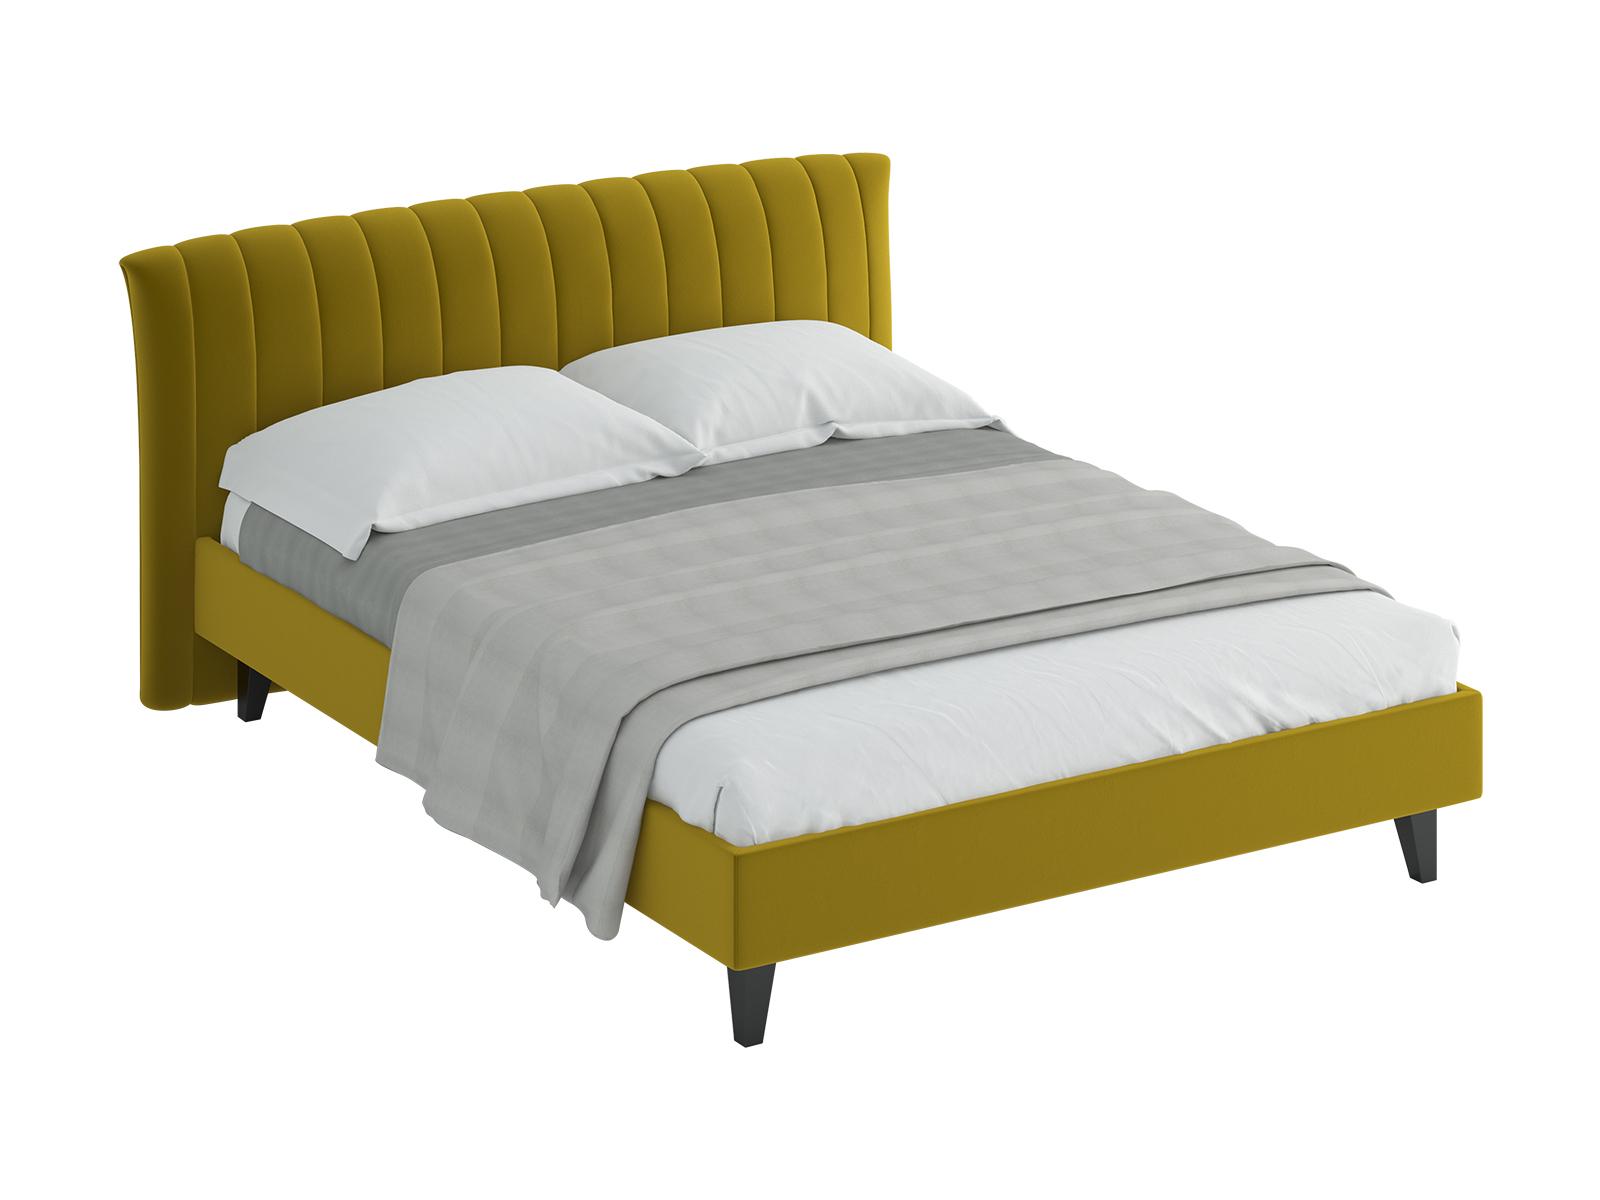 Кровать Queen AnastasiaКровати с мягким изголовьем<br>&amp;lt;div&amp;gt;Материал:&amp;lt;/div&amp;gt;&amp;lt;div&amp;gt;Обивка: ткань.&amp;lt;/div&amp;gt;&amp;lt;div&amp;gt;Основание: металлическое с эластичными латами из фанеры.&amp;lt;/div&amp;gt;&amp;lt;div&amp;gt;Ножки: массив дерева.&amp;lt;/div&amp;gt;&amp;lt;div&amp;gt;&amp;lt;br&amp;gt;&amp;lt;/div&amp;gt;&amp;lt;div&amp;gt;Размер спального места: 160х200см.&amp;lt;/div&amp;gt;<br><br>Material: Текстиль<br>Ширина см: 173.0<br>Высота см: 106<br>Глубина см: 216.0